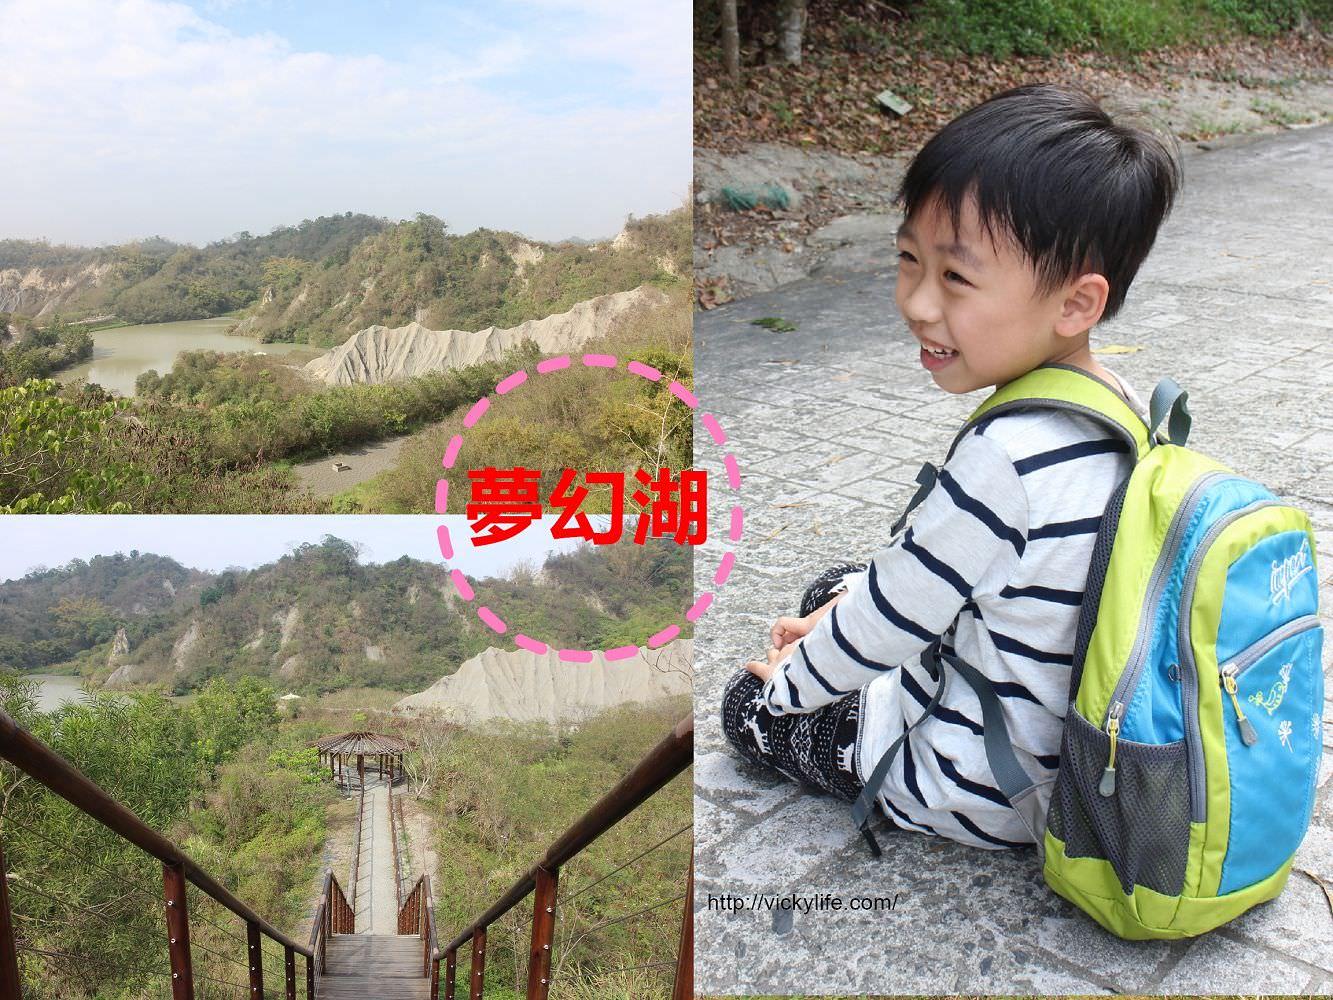 台南親子景點︱龍崎牛埔農塘夢幻湖:有飛碟、水中涼亭、水土保持示範場,這是絕佳綠繪本概念哪